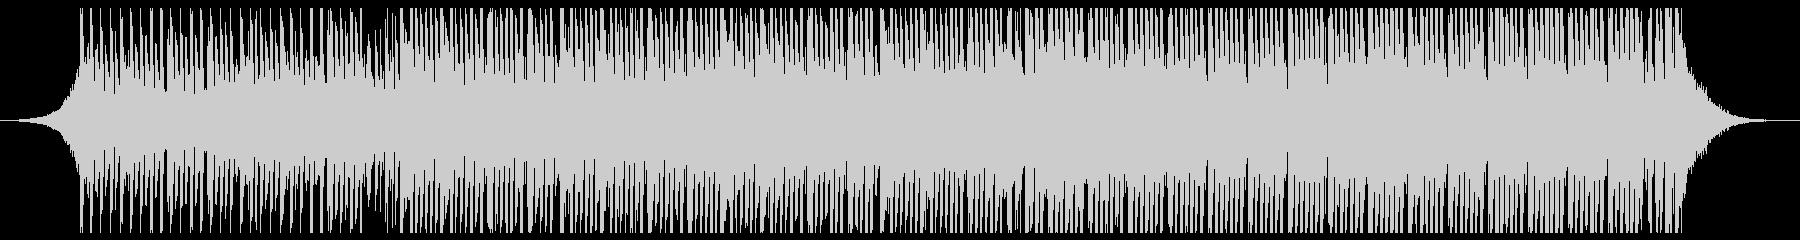 高揚ポップ(中)の未再生の波形